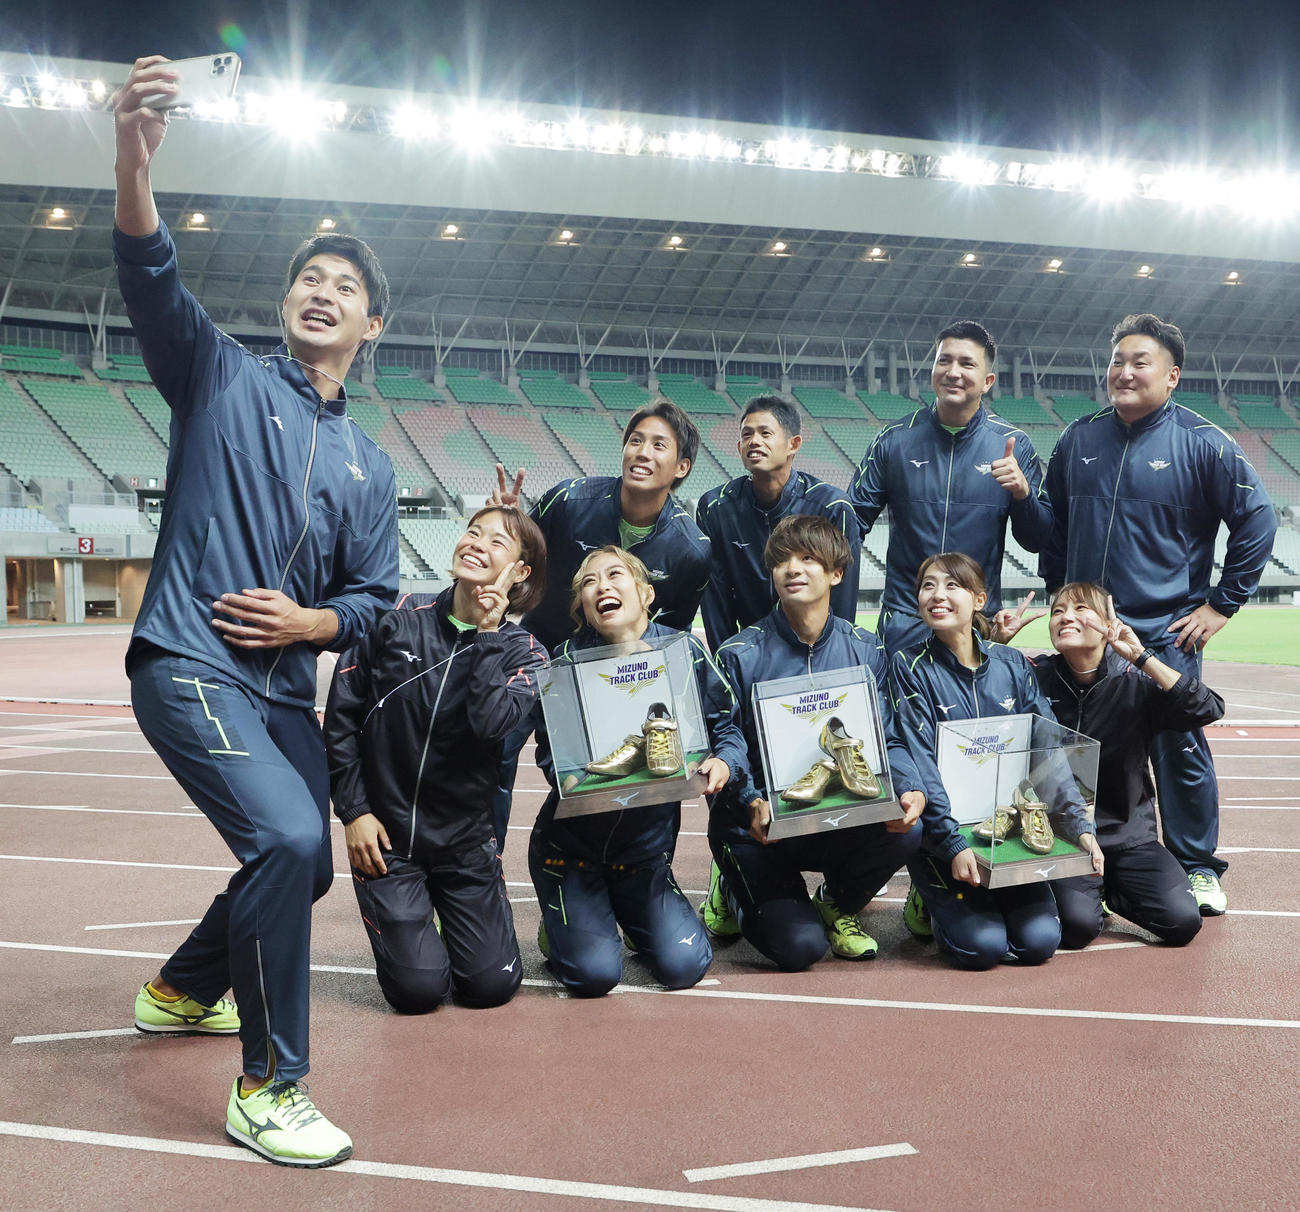 引退する(前列左3人目から)和田麻希、金井大旺、市川華菜の3選手は飯塚翔太(左)ら所属するミズノの選手と記念撮影を行う(撮影・清水貴仁)